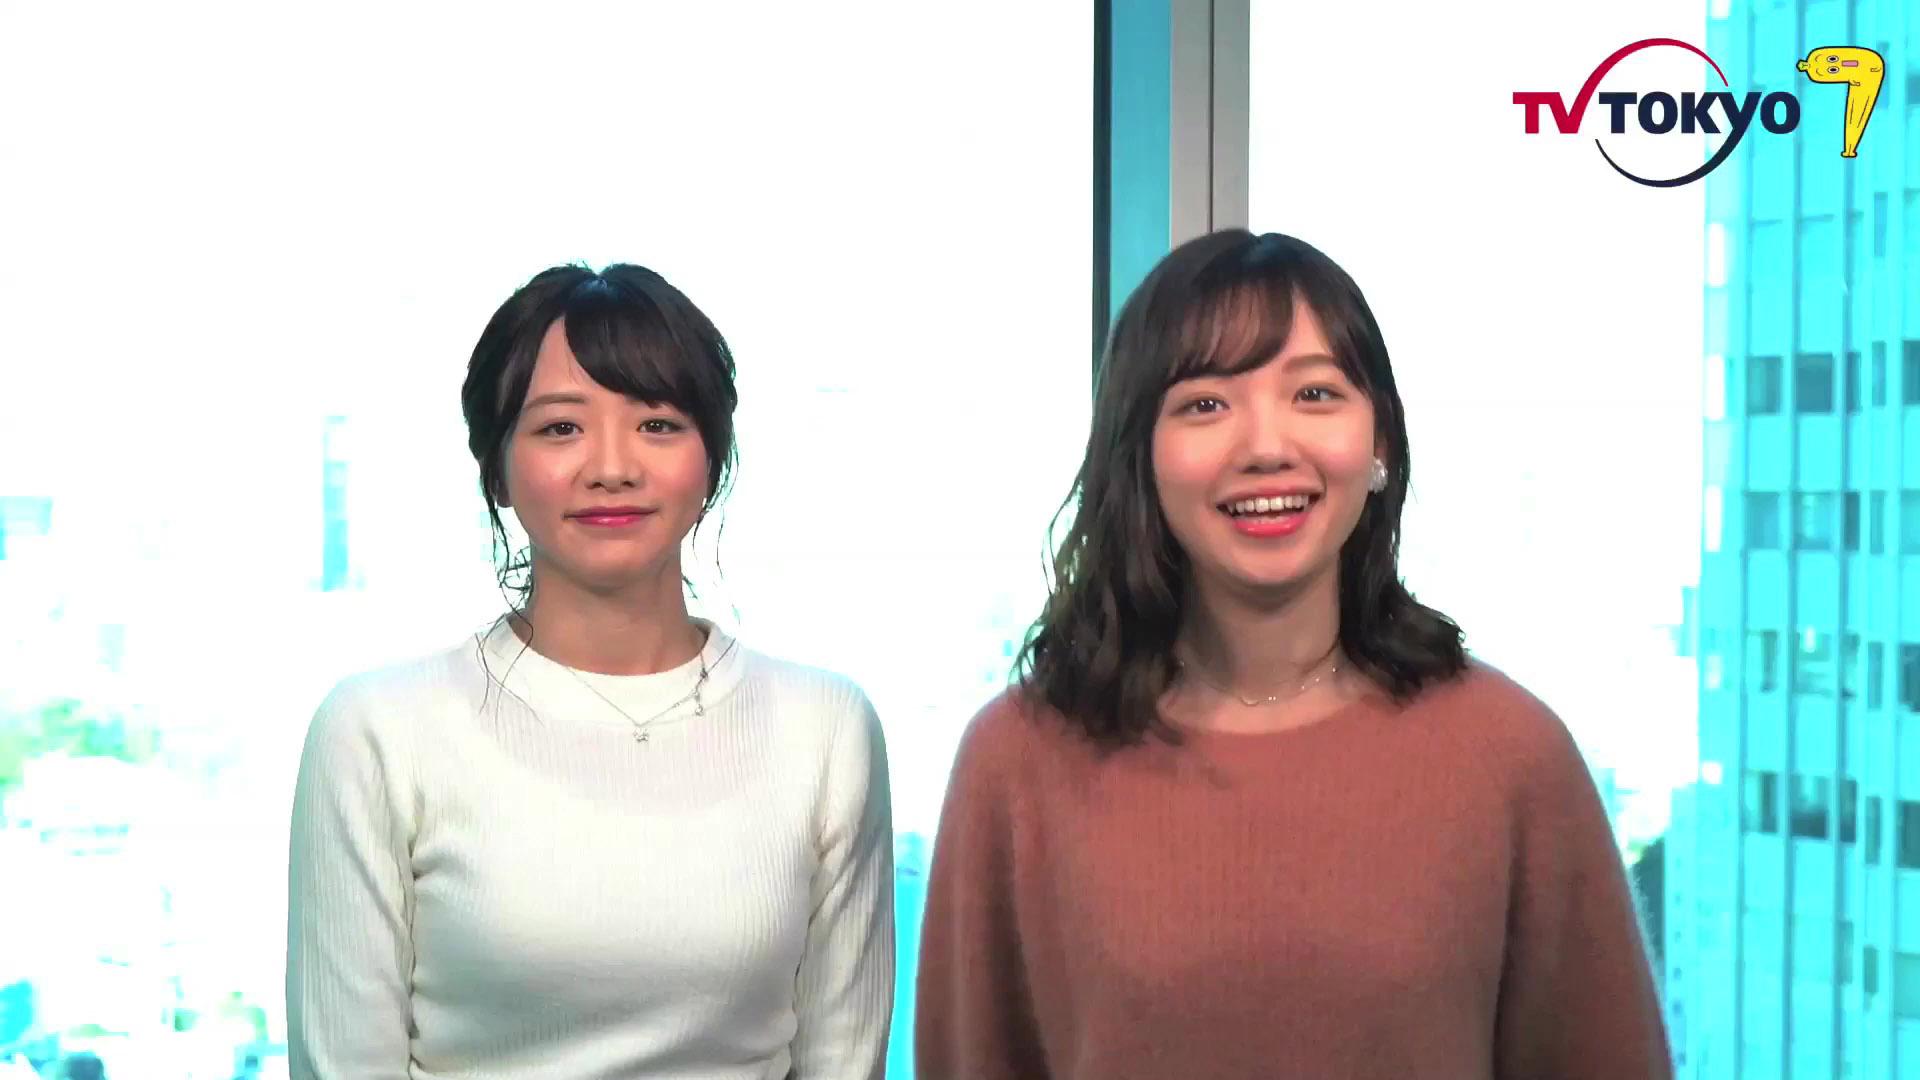 森香澄_田中瞳_女子アナ_テレ東_テレビキャプ画像_02